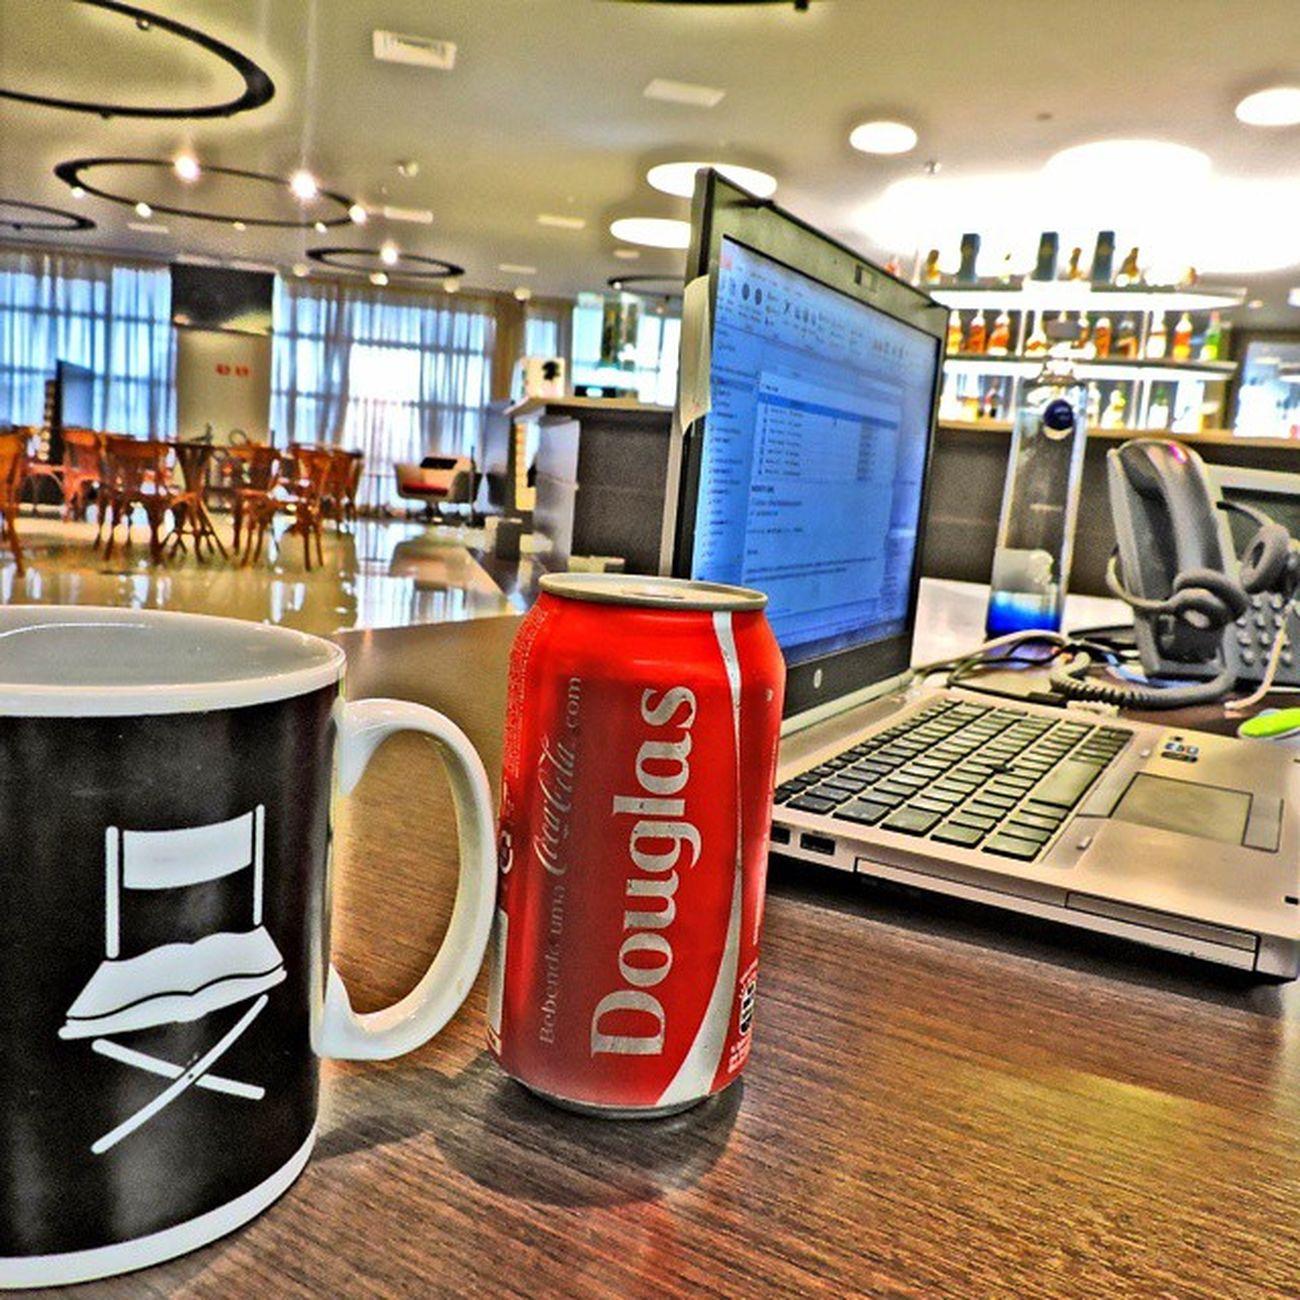 30 Mil anos depois encontrei... meu nome na lata, e não era MUCILON 😅👏 Cocacola NãoBebo Valeaintençao Jobs Work ABRAaFELICIDADE Design Diageo Art Encontre Coke Refrigerant Caneca Diretor QuantoMAISDouglasMELHOR